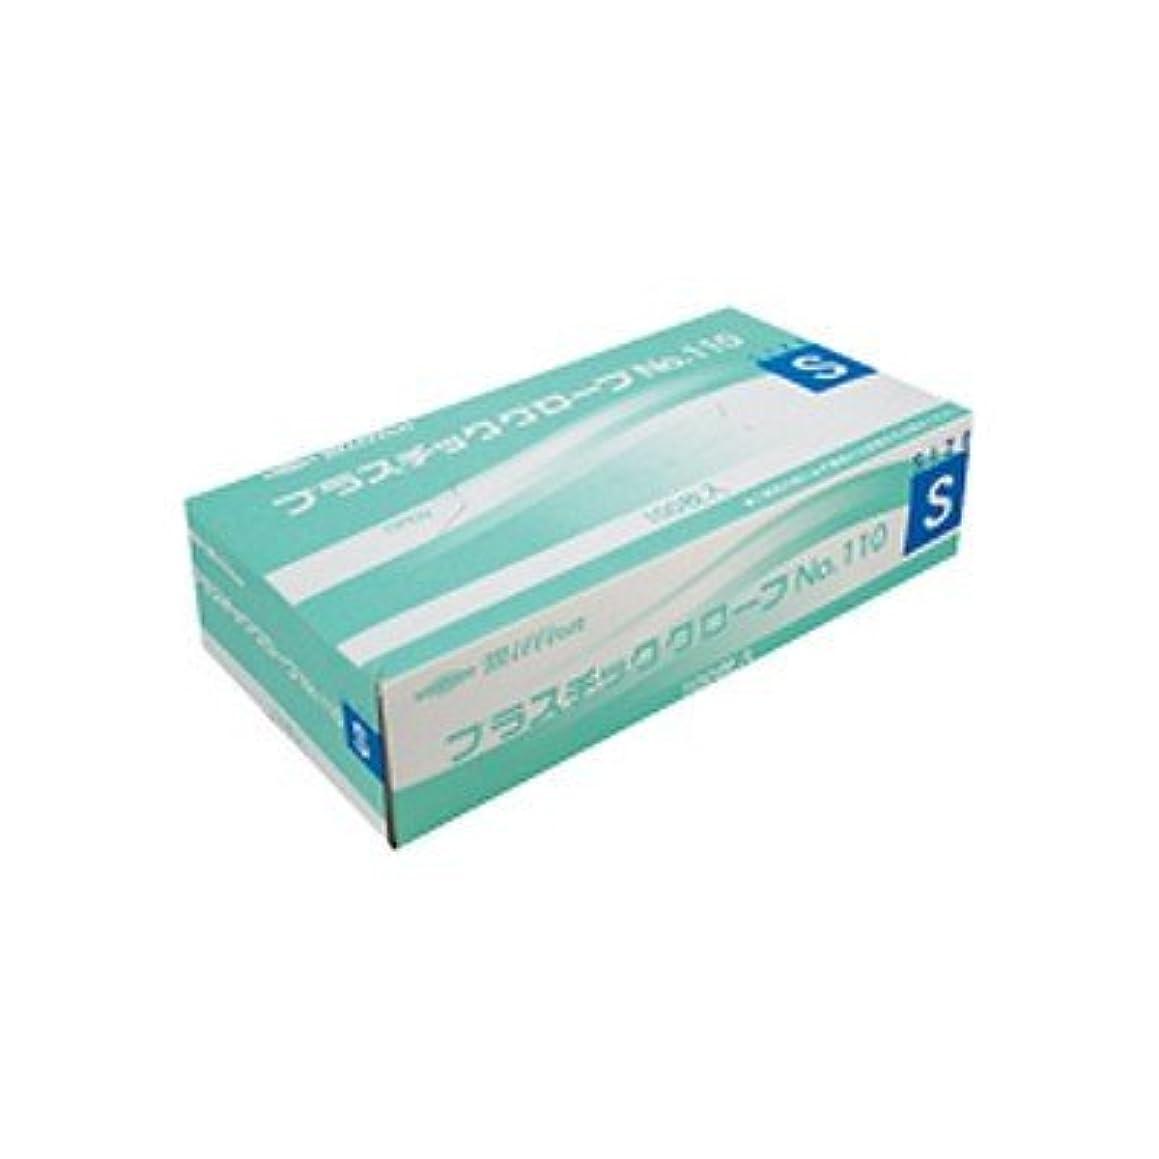 雄大な汚物グラディスミリオン プラスチック手袋 粉付 No.110 S 品番:LH-110-S 注文番号:62741521 メーカー:共和